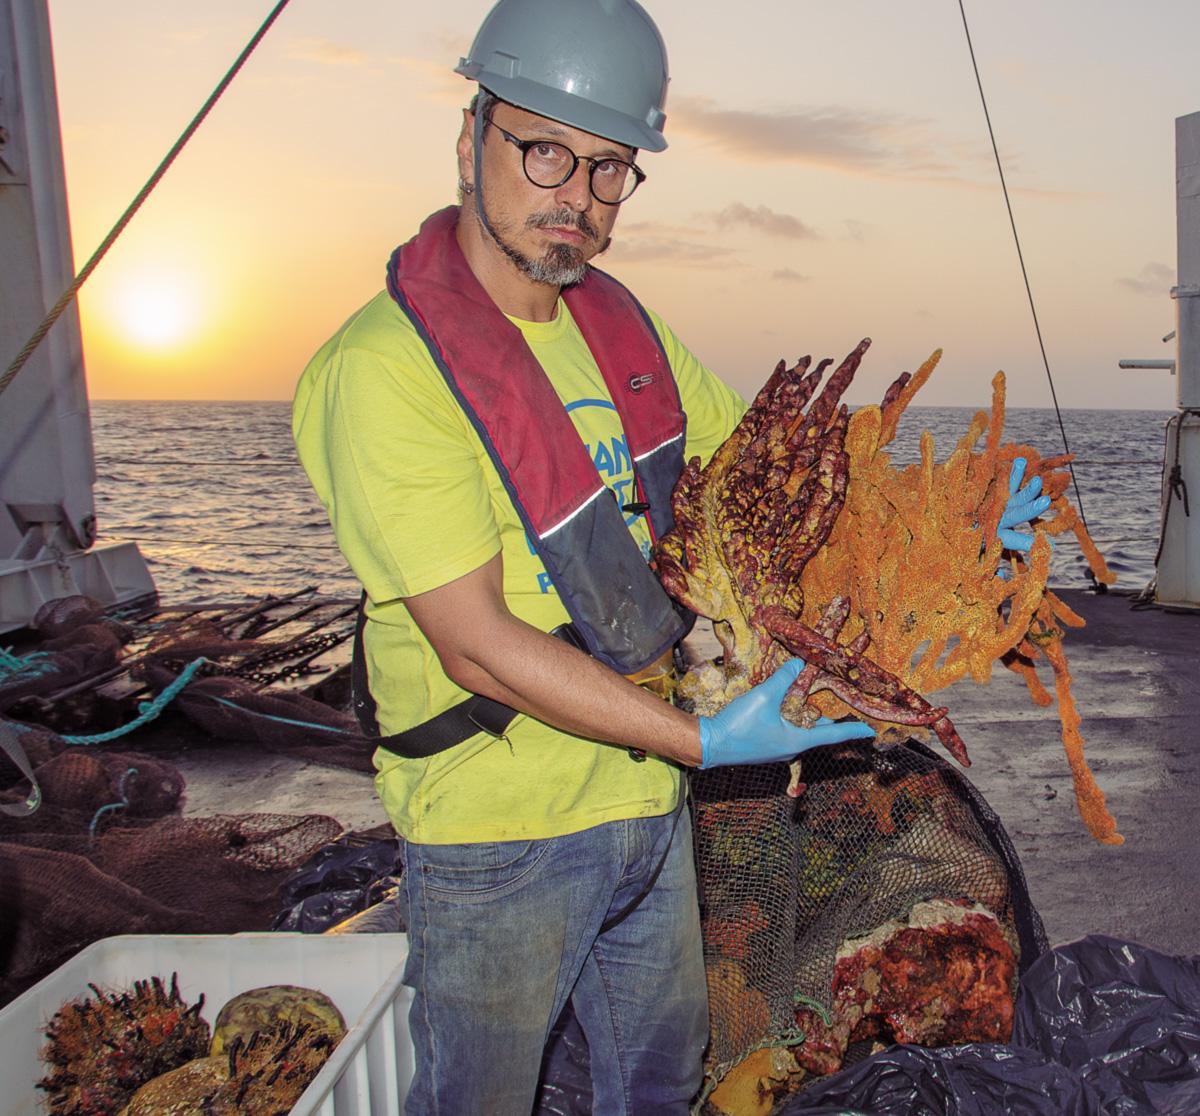 Esponjas, algas e peixes coletados no fundo do mar pela equipe de Rodrigo Moura são indícios de que há um enorme recife na foz do Amazonas. Segundo os manuais, ele não devia estar ali